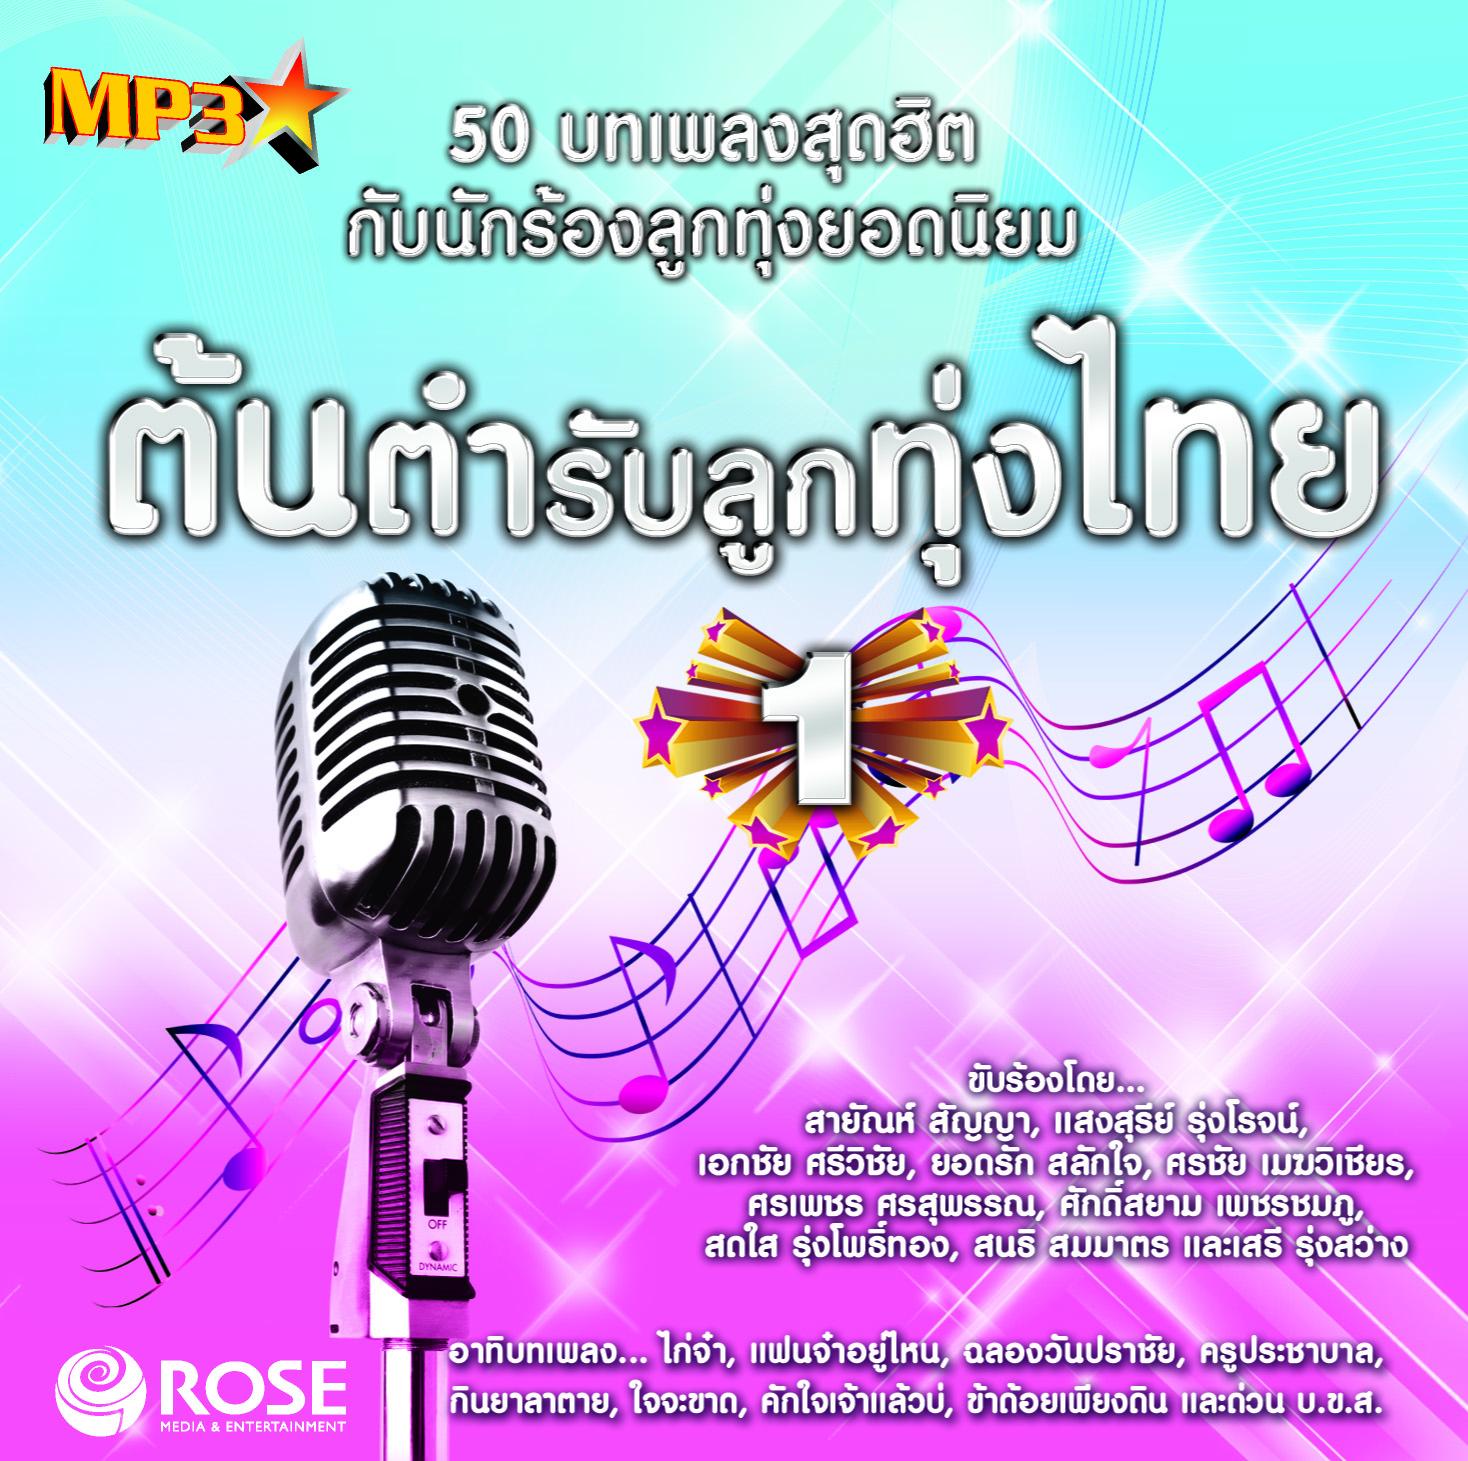 MP3 50 เพลง ต้นตำรับลูกทุ่งไทย 1